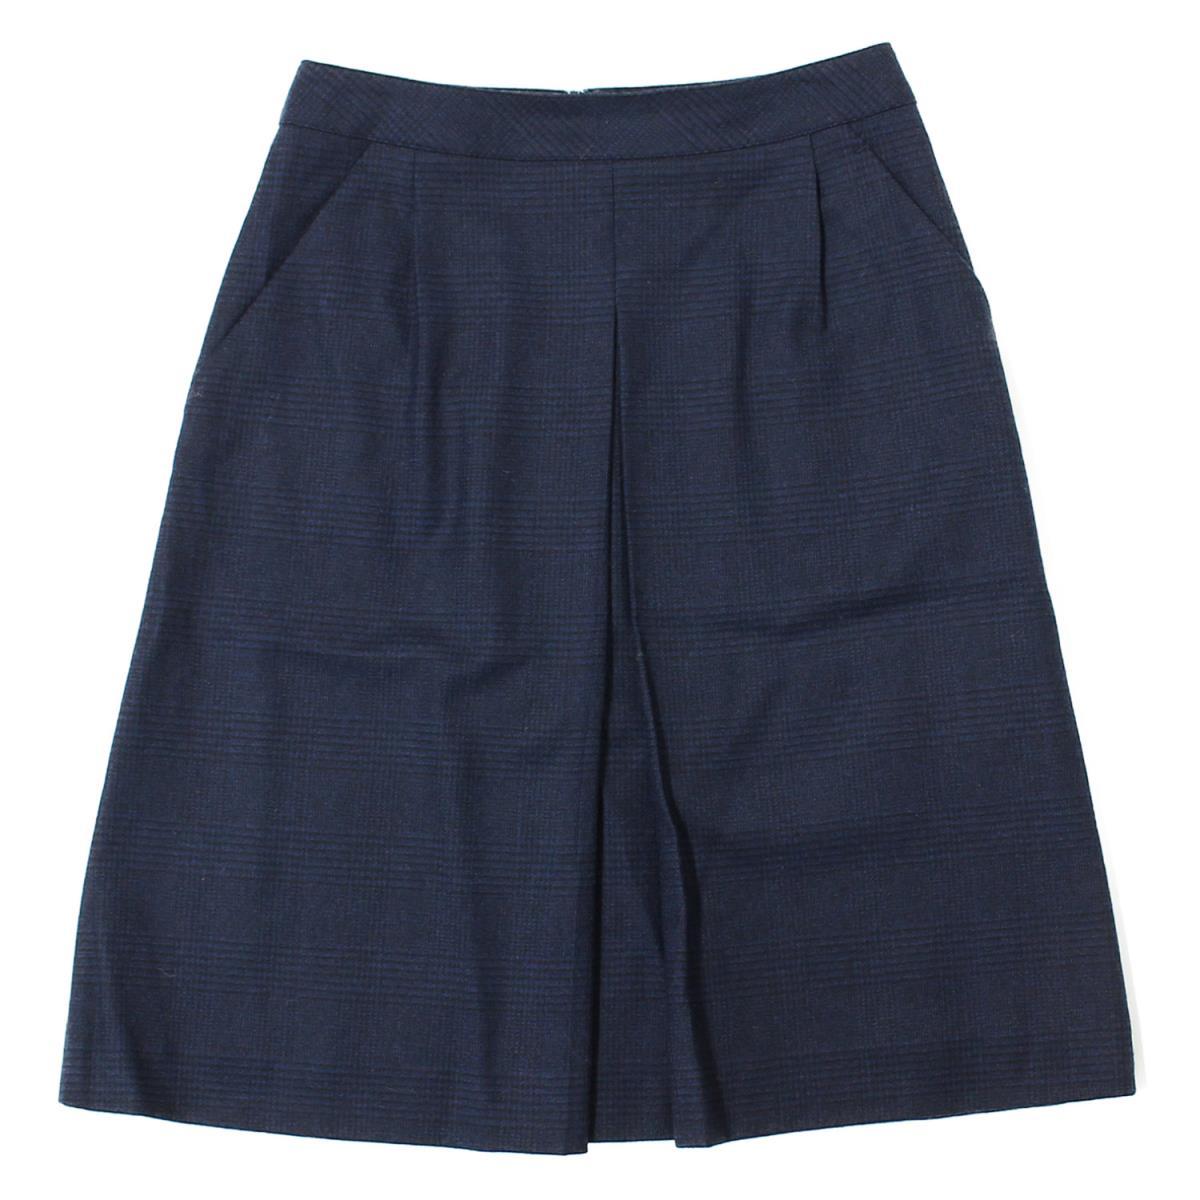 OLD ENGLAND(オールドイングランド) 17A/W チェック ツィードストレッチスカート ブルー×ブラック 34(S) 【レディース】【美品】【K2129】【中古】